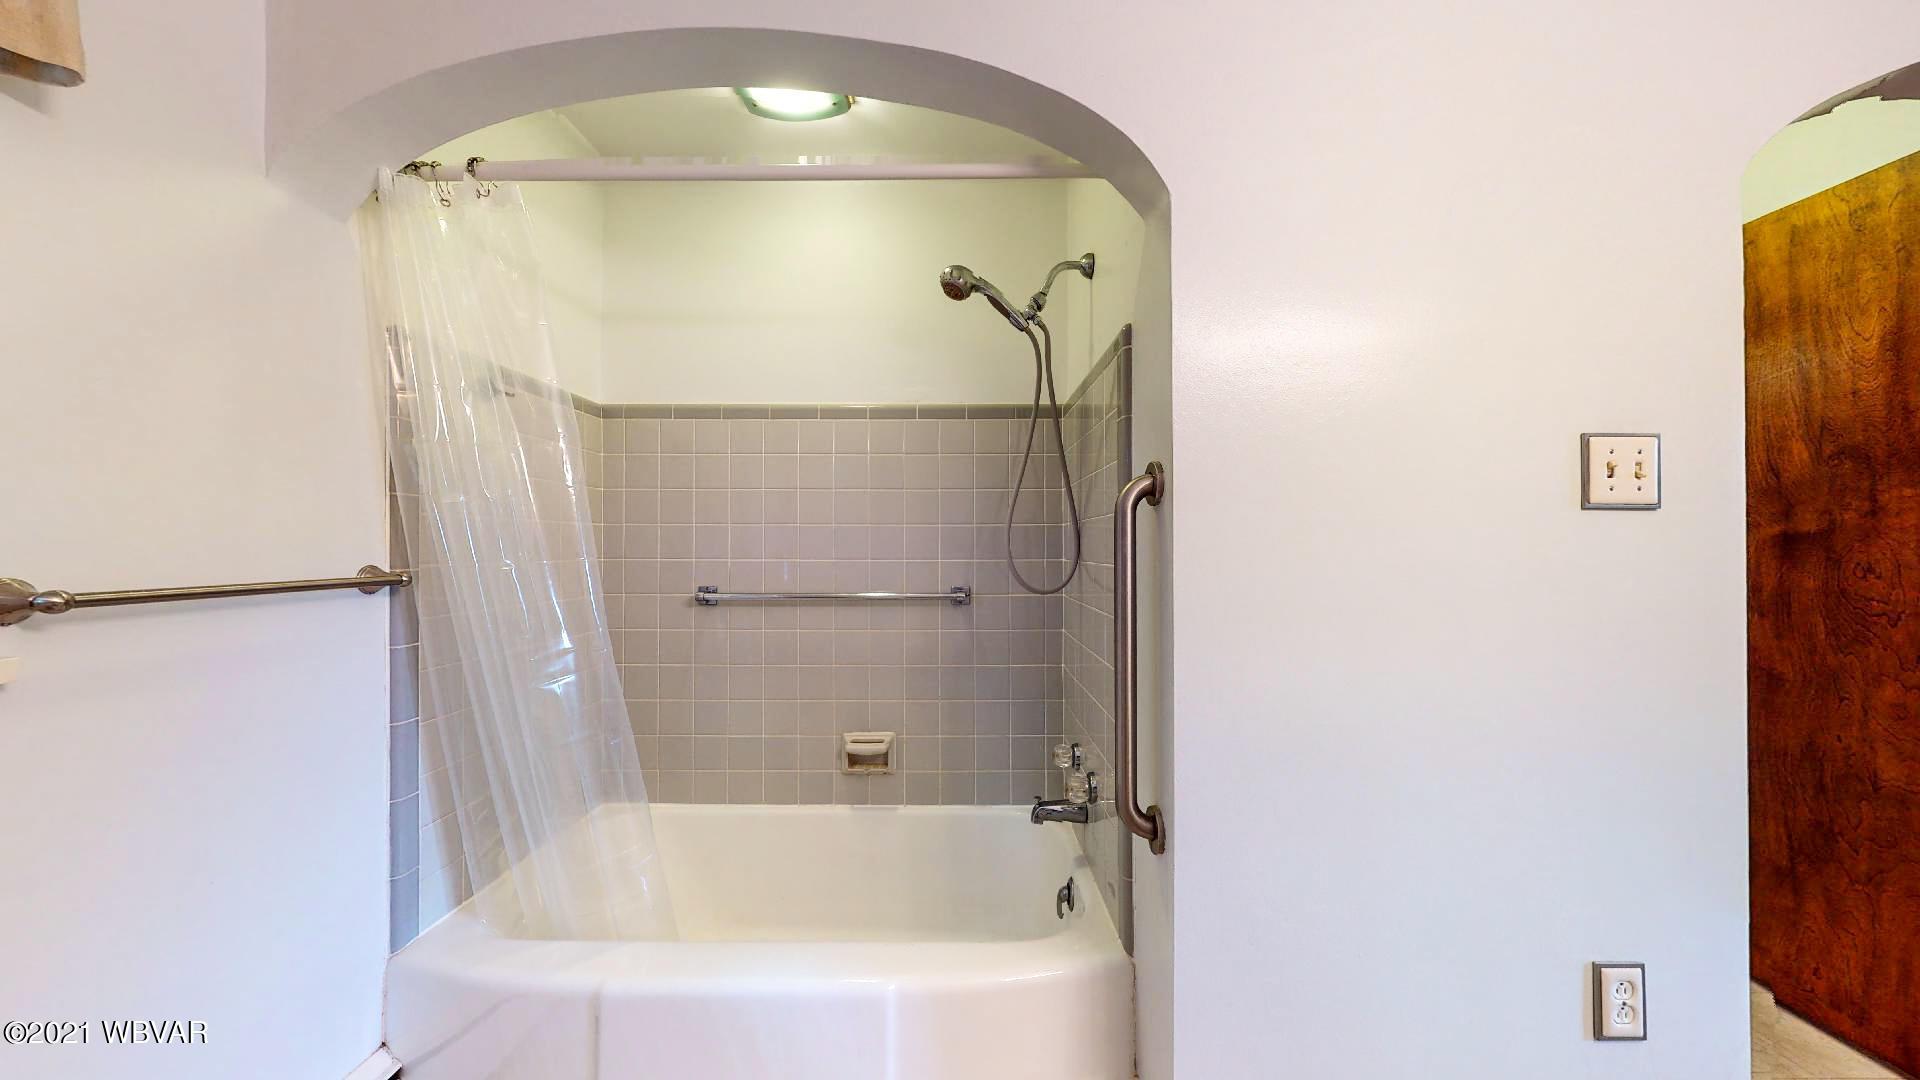 1612 BLAIR STREET, Williamsport, PA 17701, 2 Bedrooms Bedrooms, ,2 BathroomsBathrooms,Residential,For sale,BLAIR,WB-92498